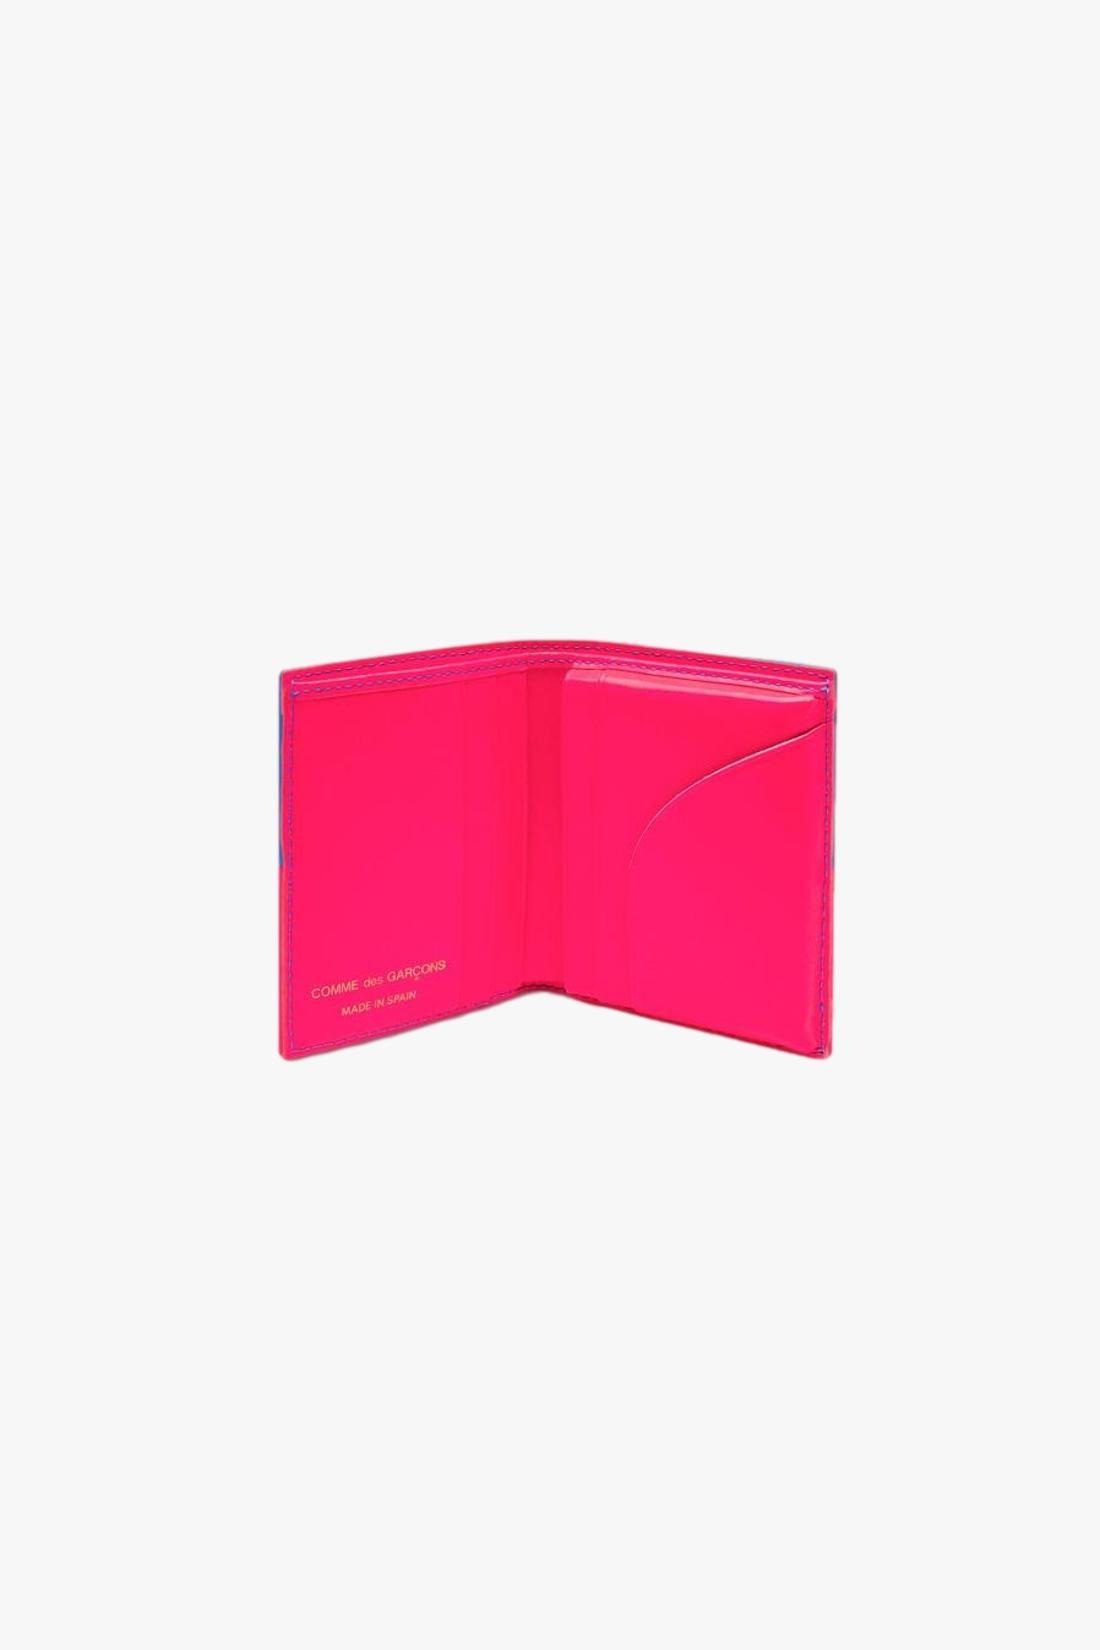 COMME DES GARÇONS WALLETS / Cdg wallet fluo squares Pink blue